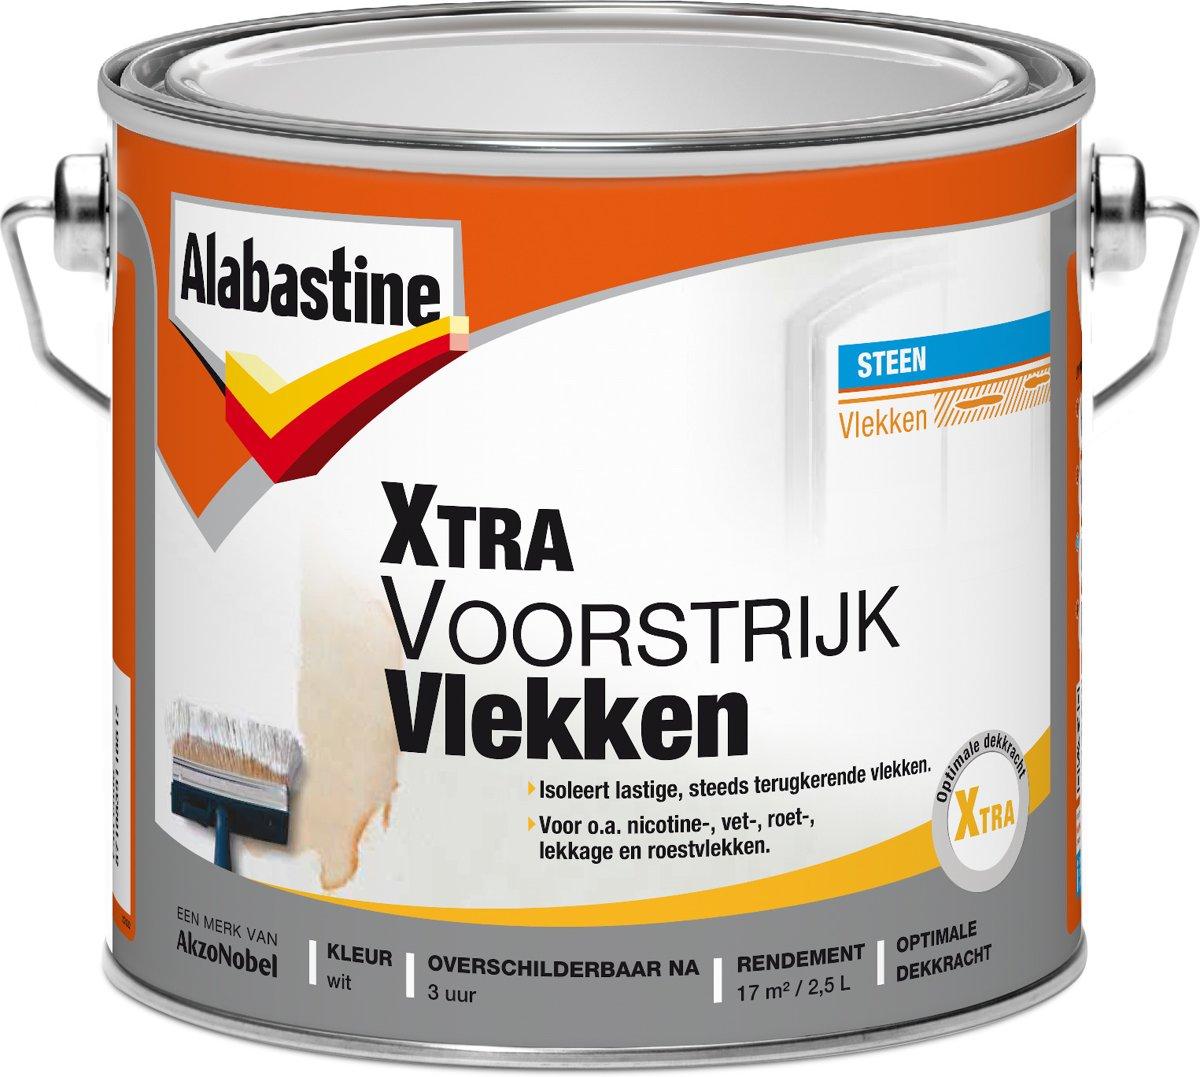 Alabastine Voorstrijk Vlekken 2,5 Ltr kopen